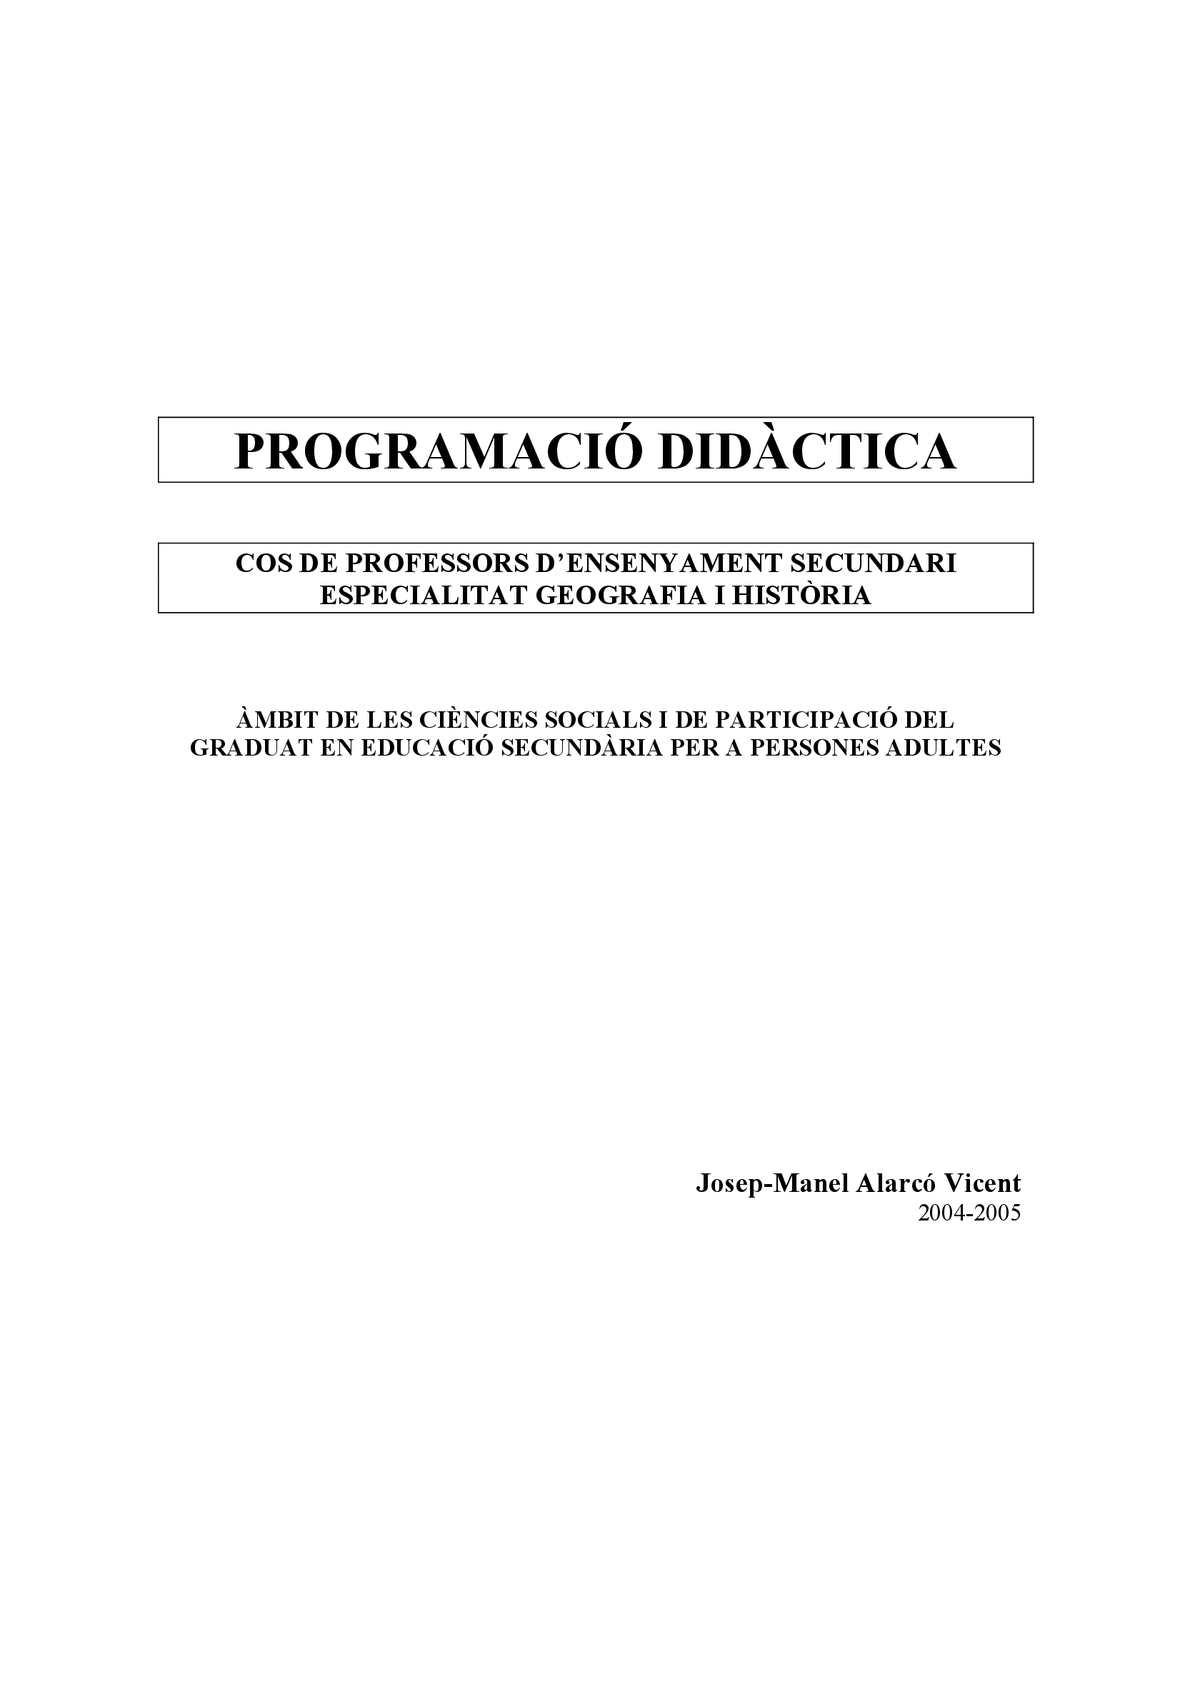 PROGRAMACIÓ DIDÀCTICA OPOSICIONS GEOGRAFIA I HISTÒRIA